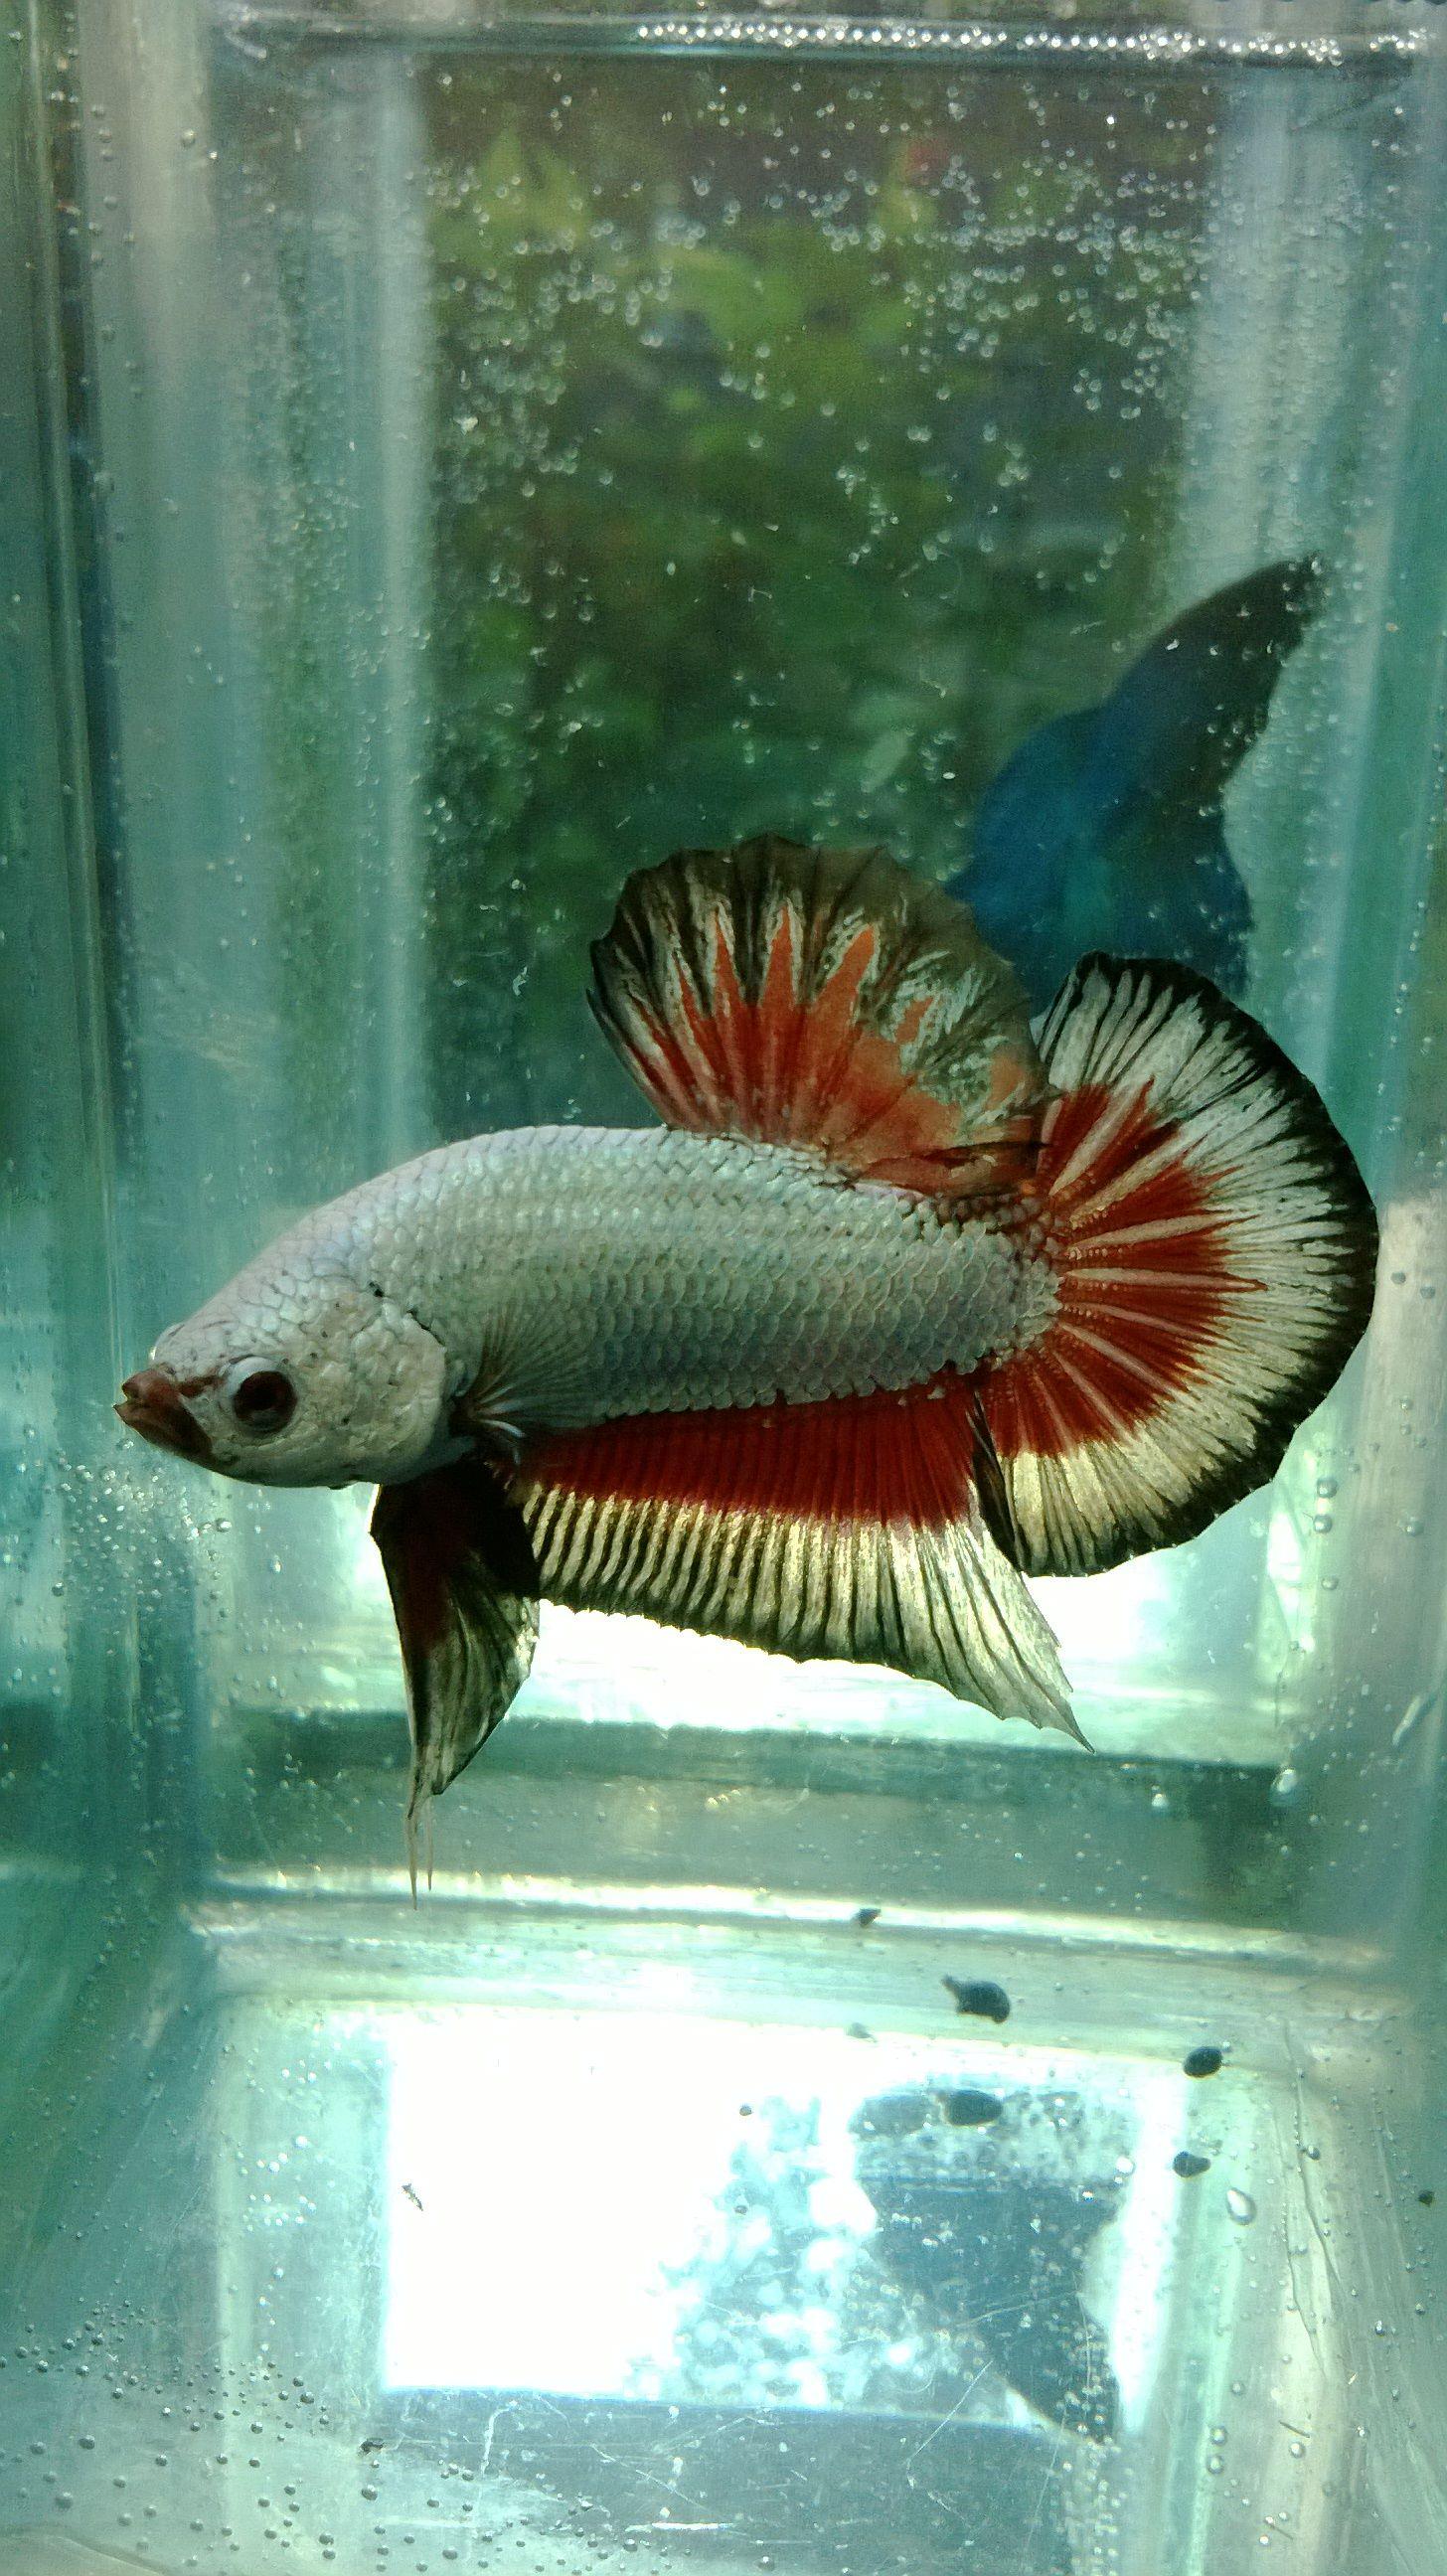 my dragon giant plakat | betta fish | Betta fish, Fish, Tropical fish